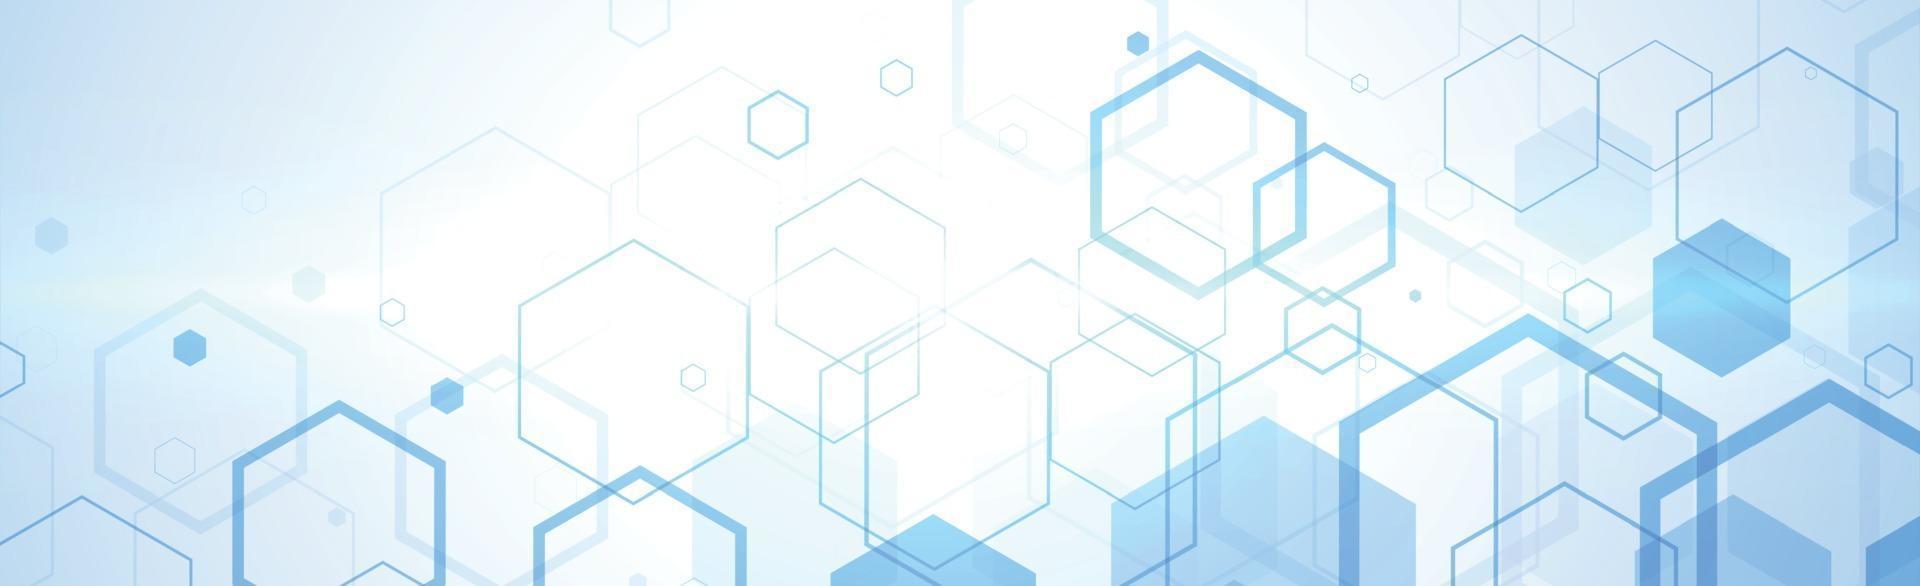 zeshoeken op blauwe en witte achtergrond - vector